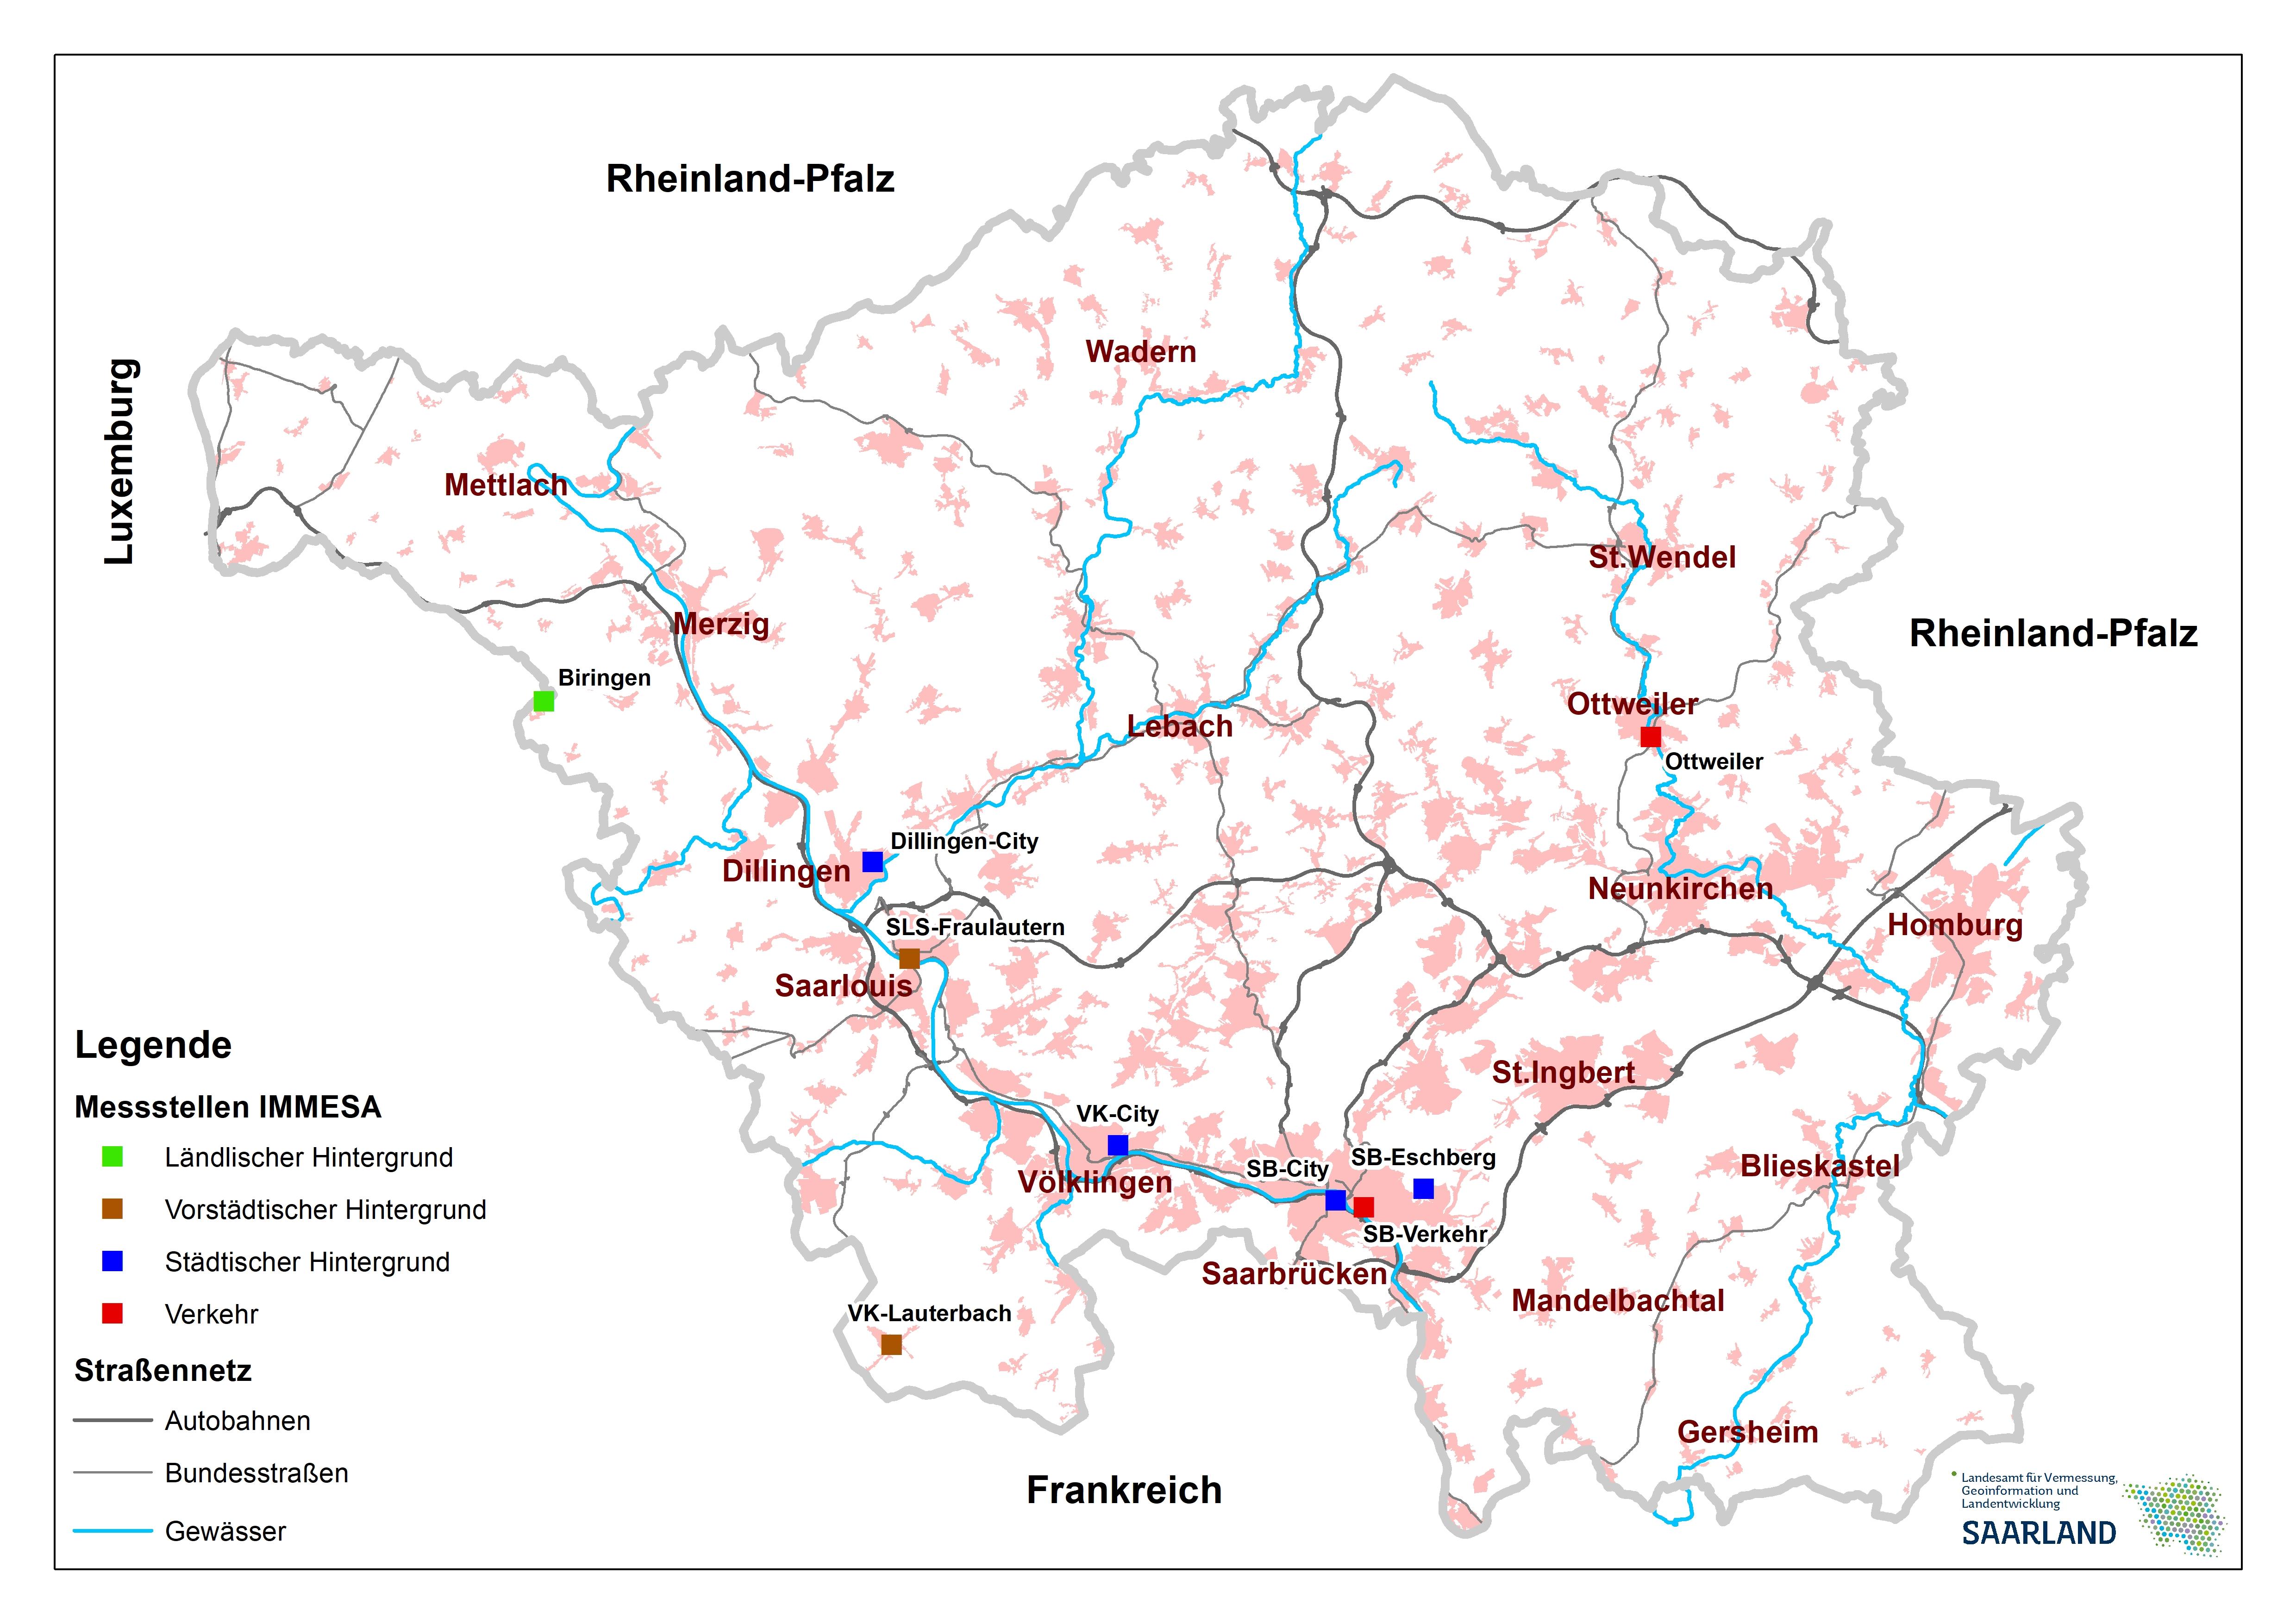 Übersichtskarte der IMMESA-Messstationen